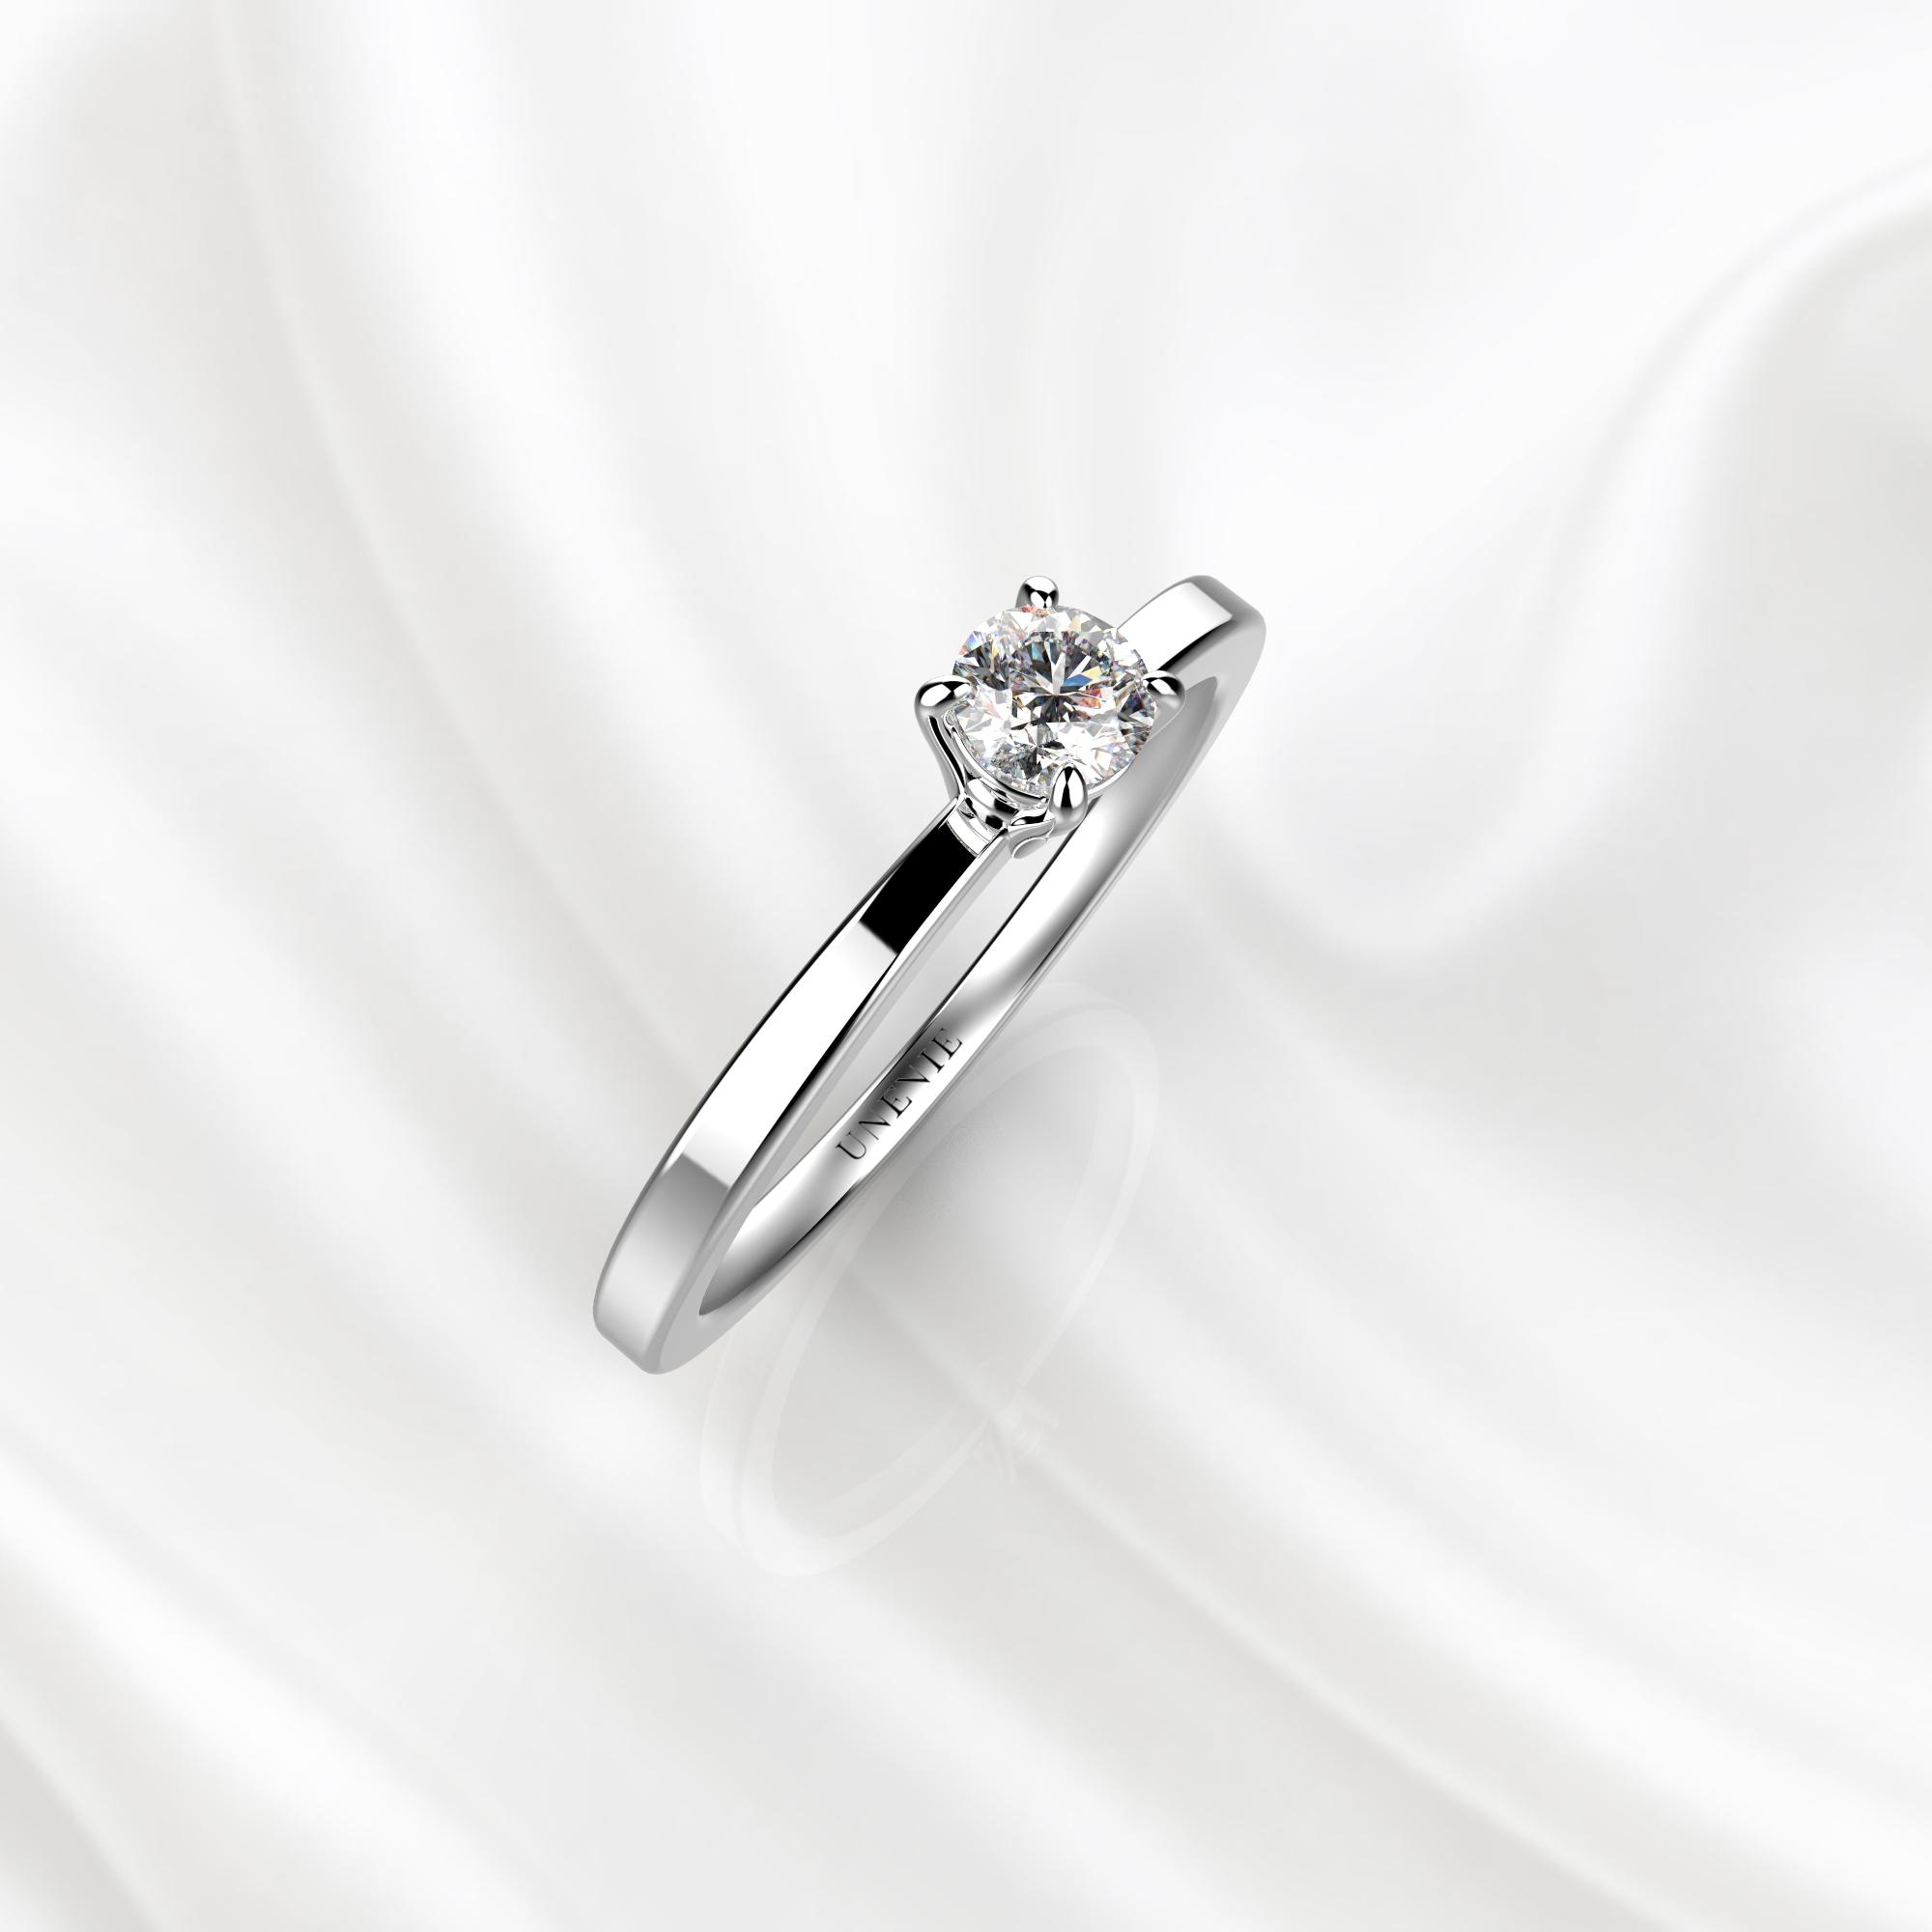 N22 Помолвочное кольцо из белого золота с бриллиантом 0.24 карат